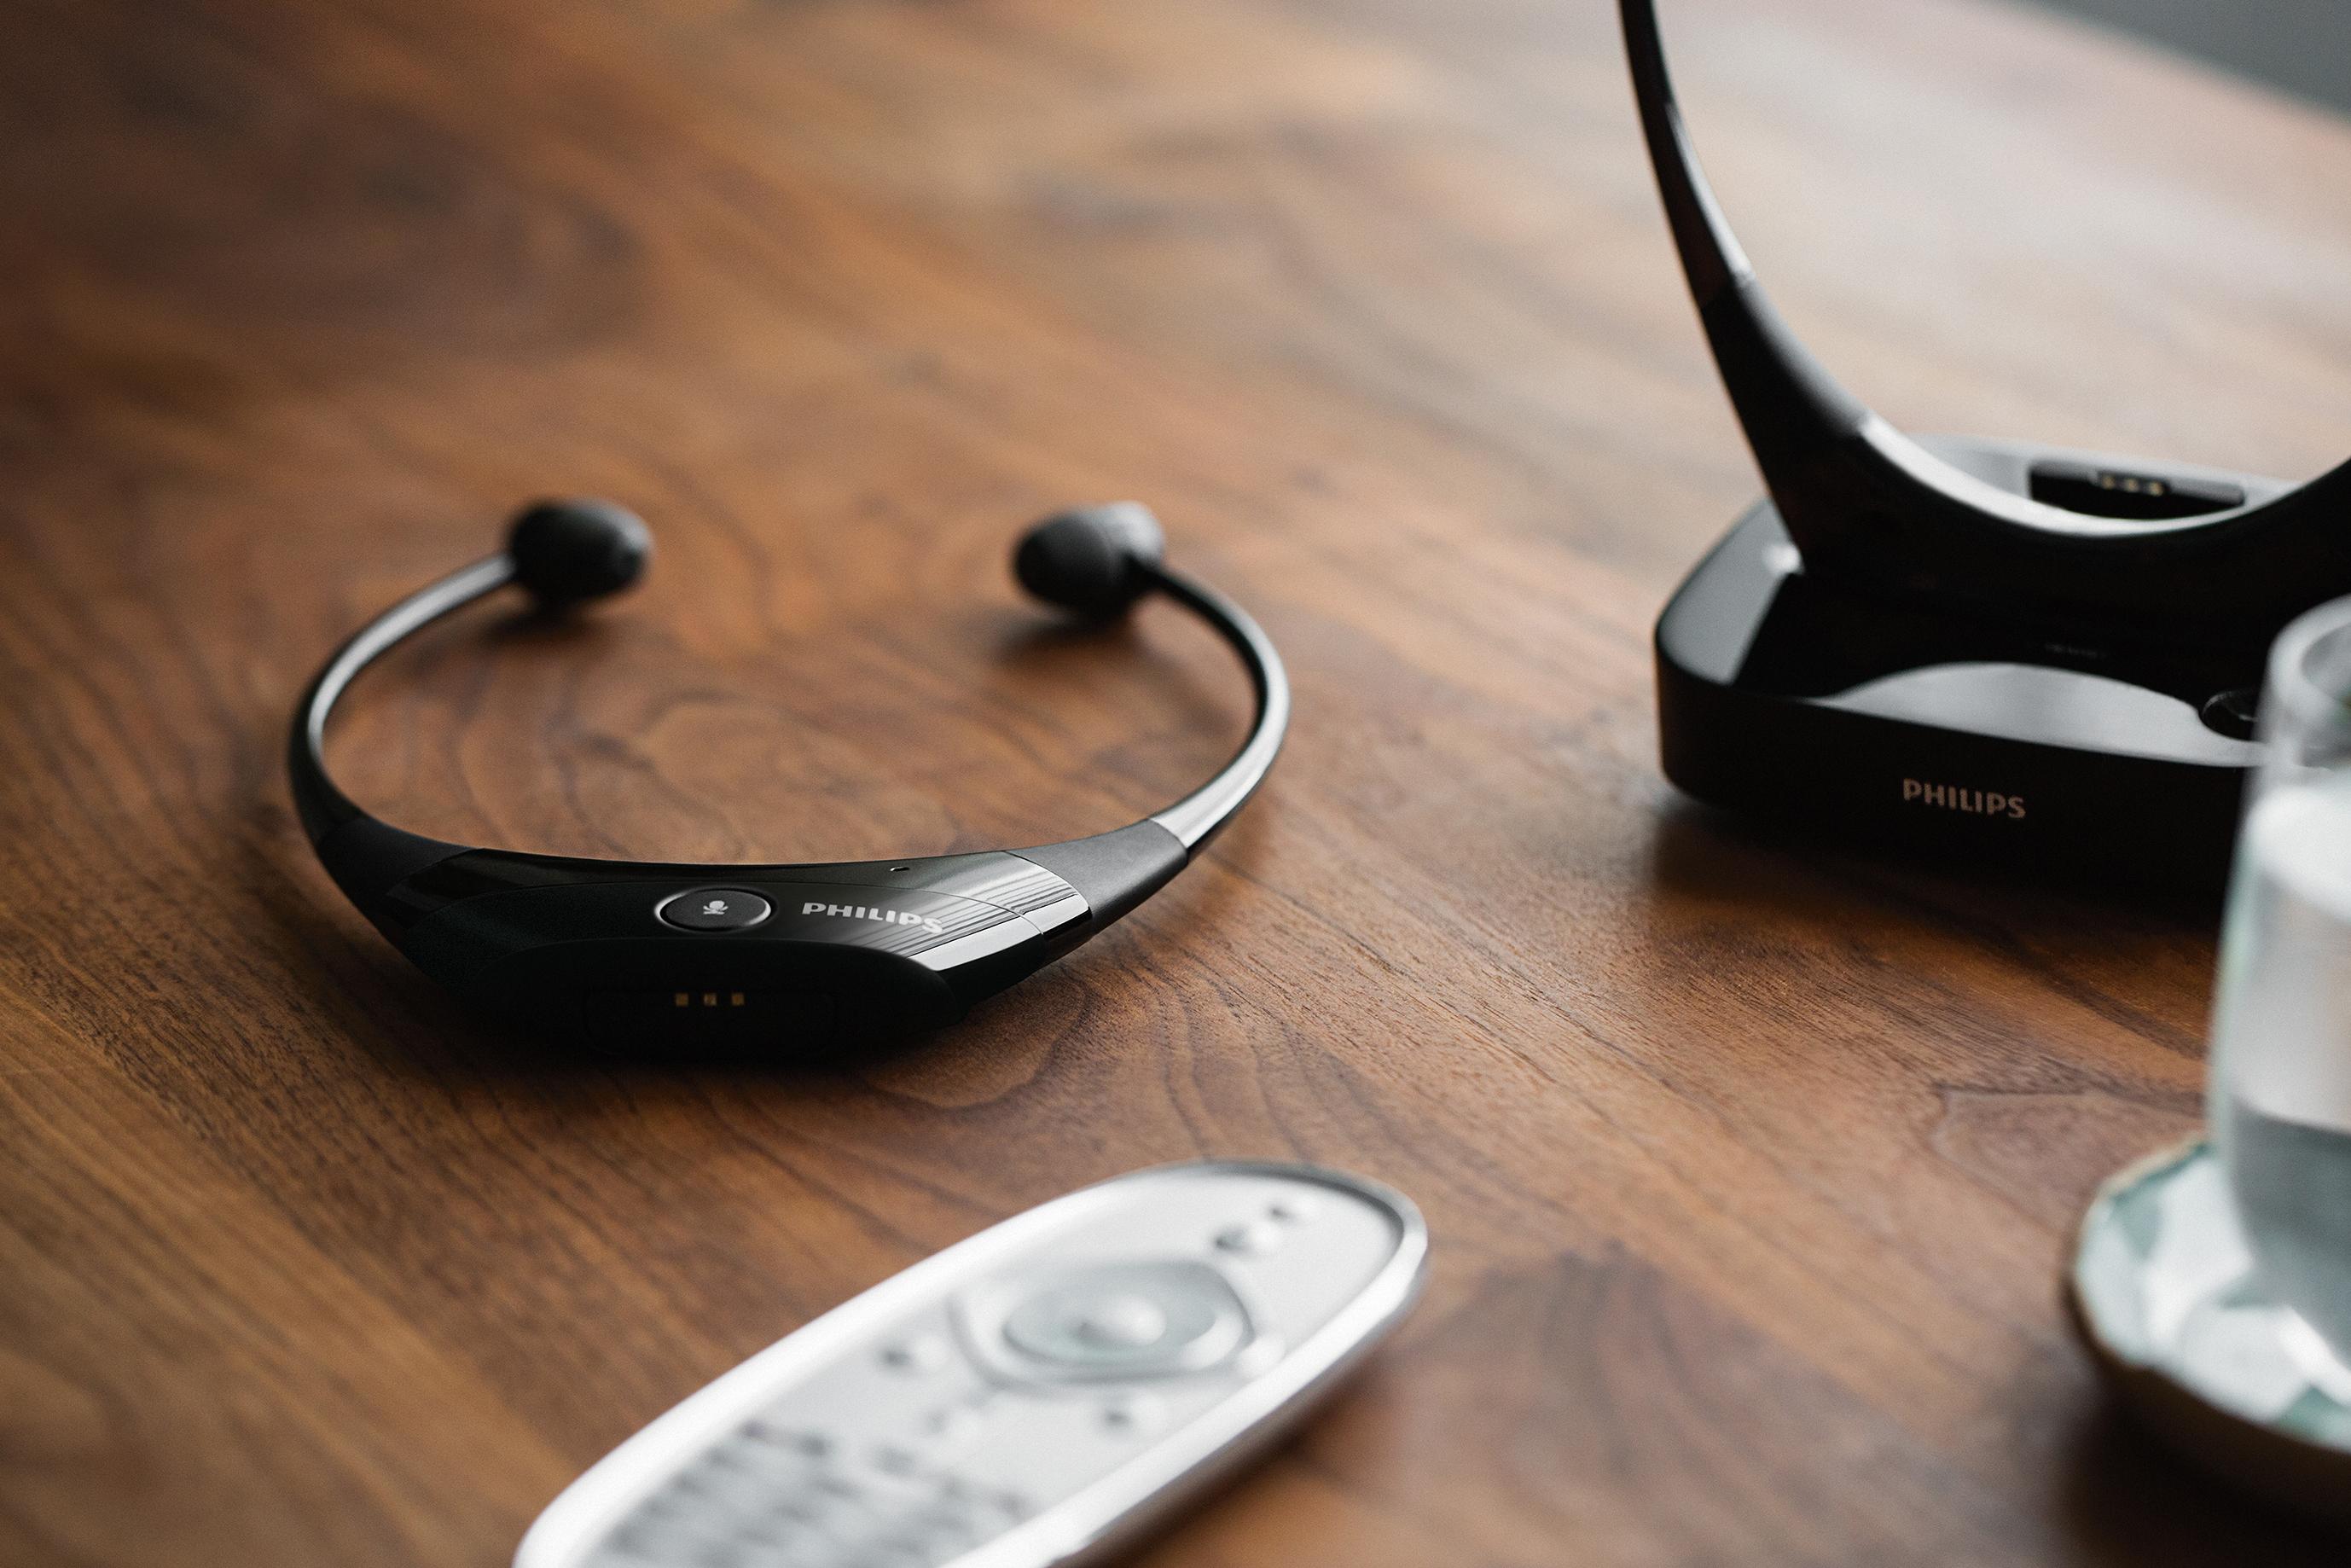 Philips_AudioBoost_TV_headphones_SCC5001_Image 1